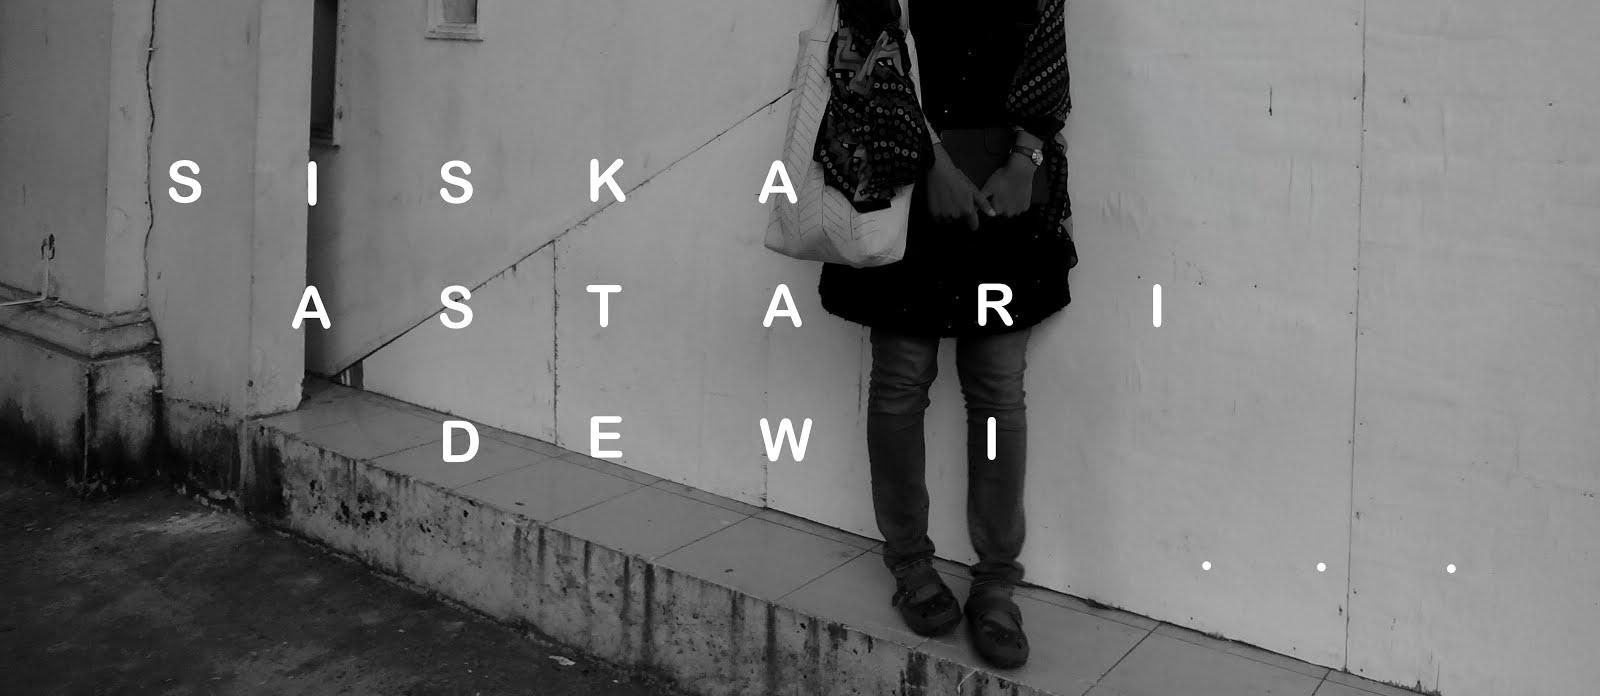 Siska Astari Dewi